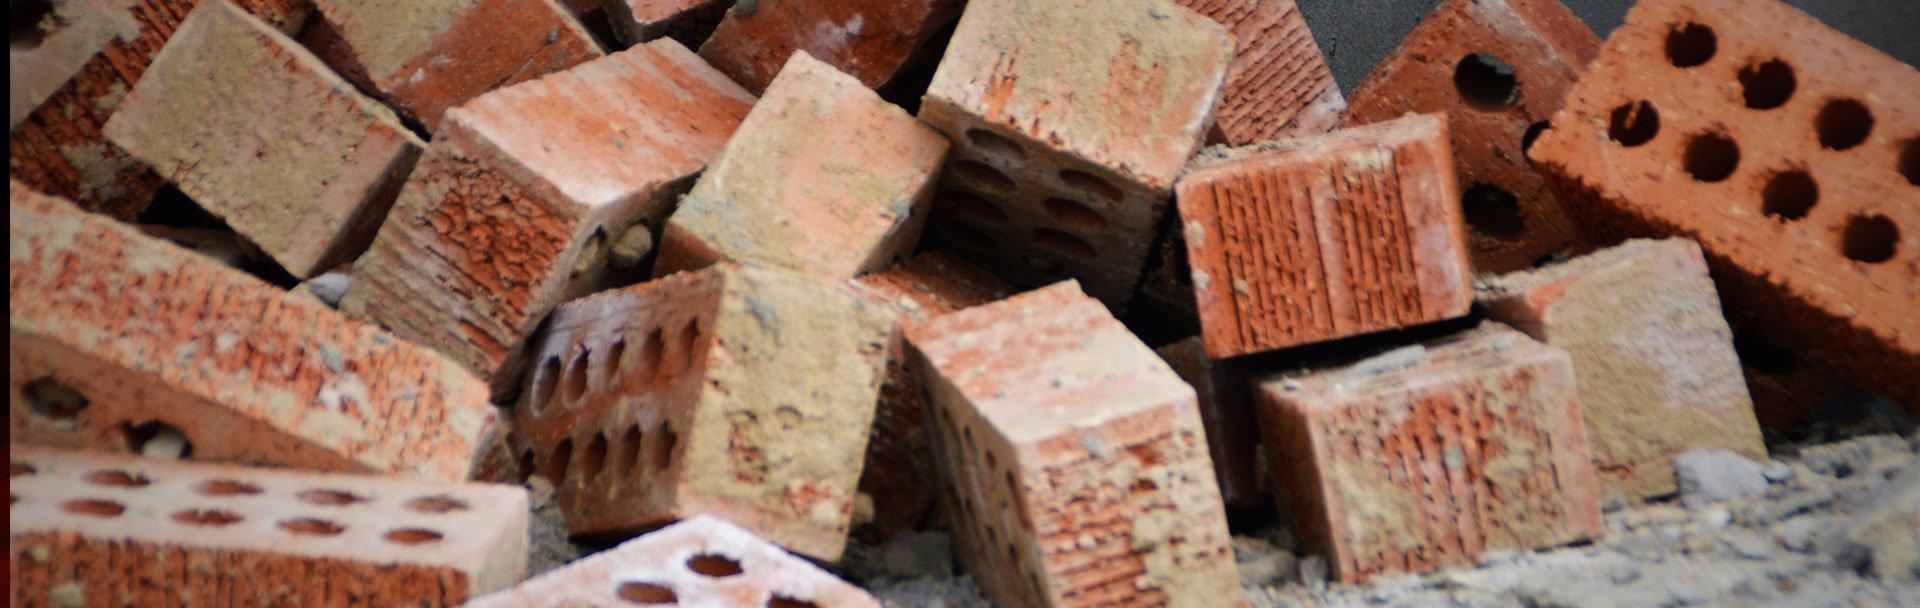 bricks-2.jpg